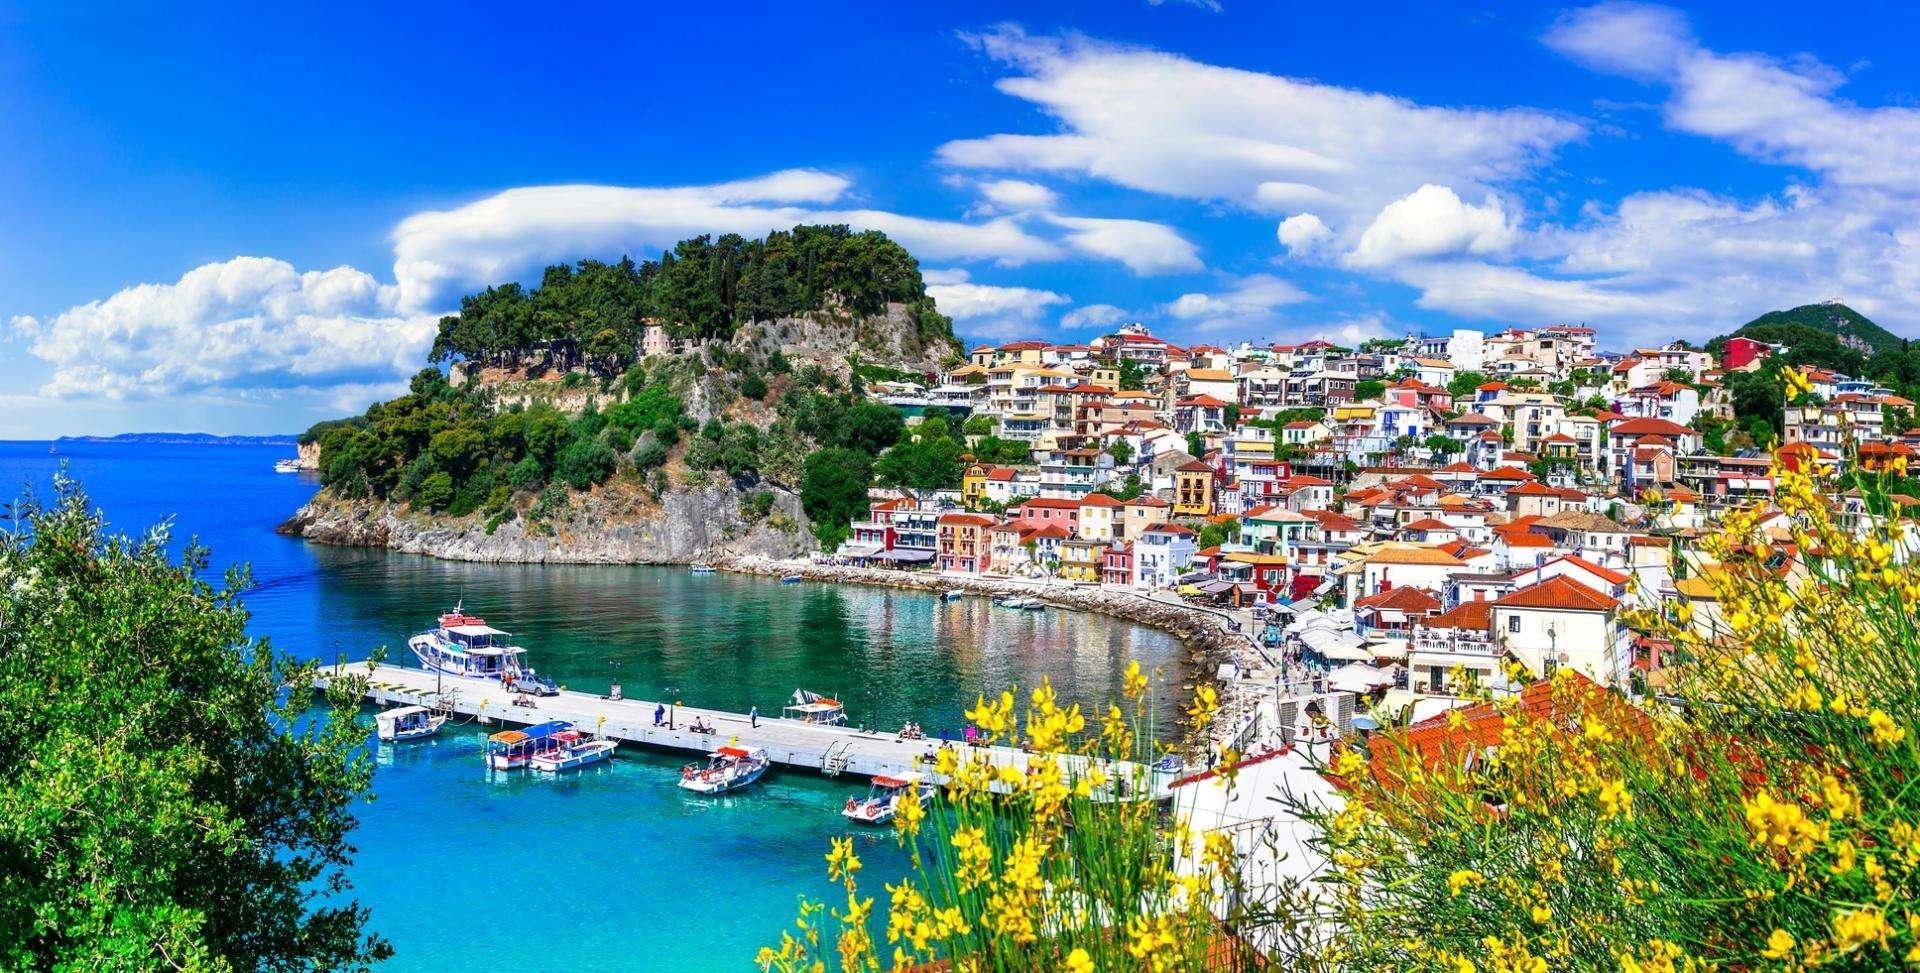 Albańskie Karaiby - Joni